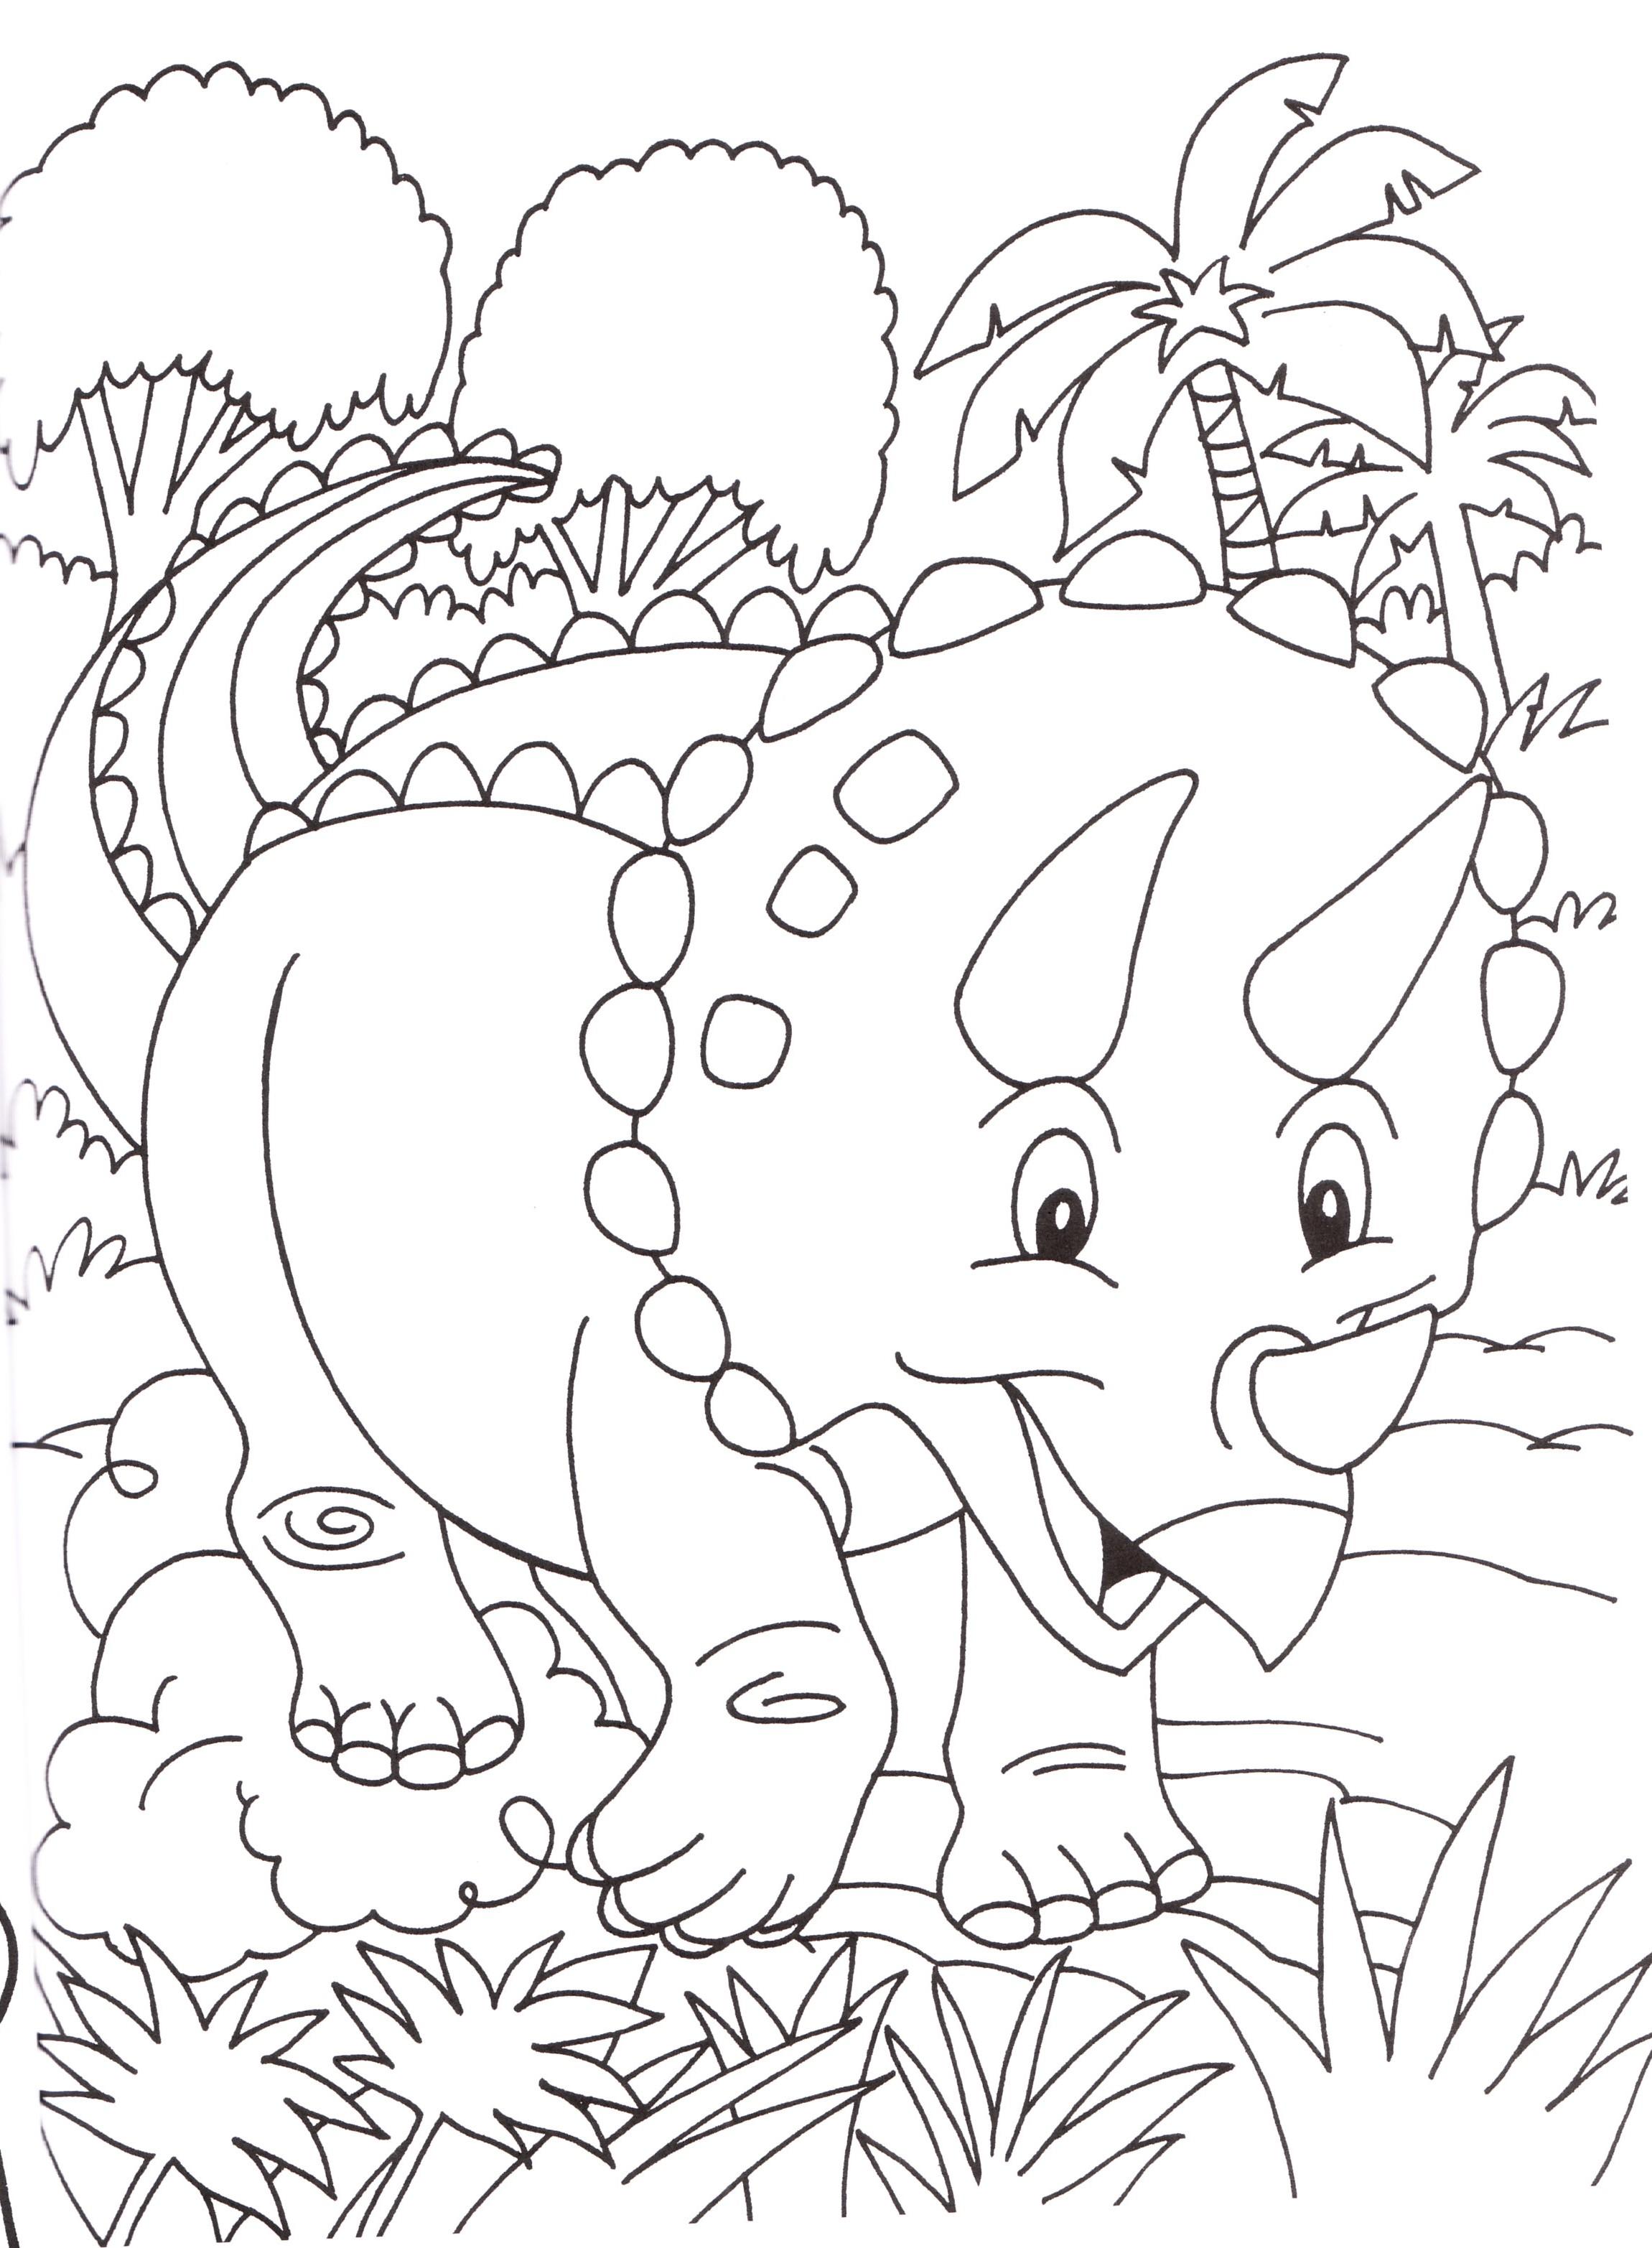 Disegni stampare colorare bambini dinosauri for Neonati da colorare e stampare